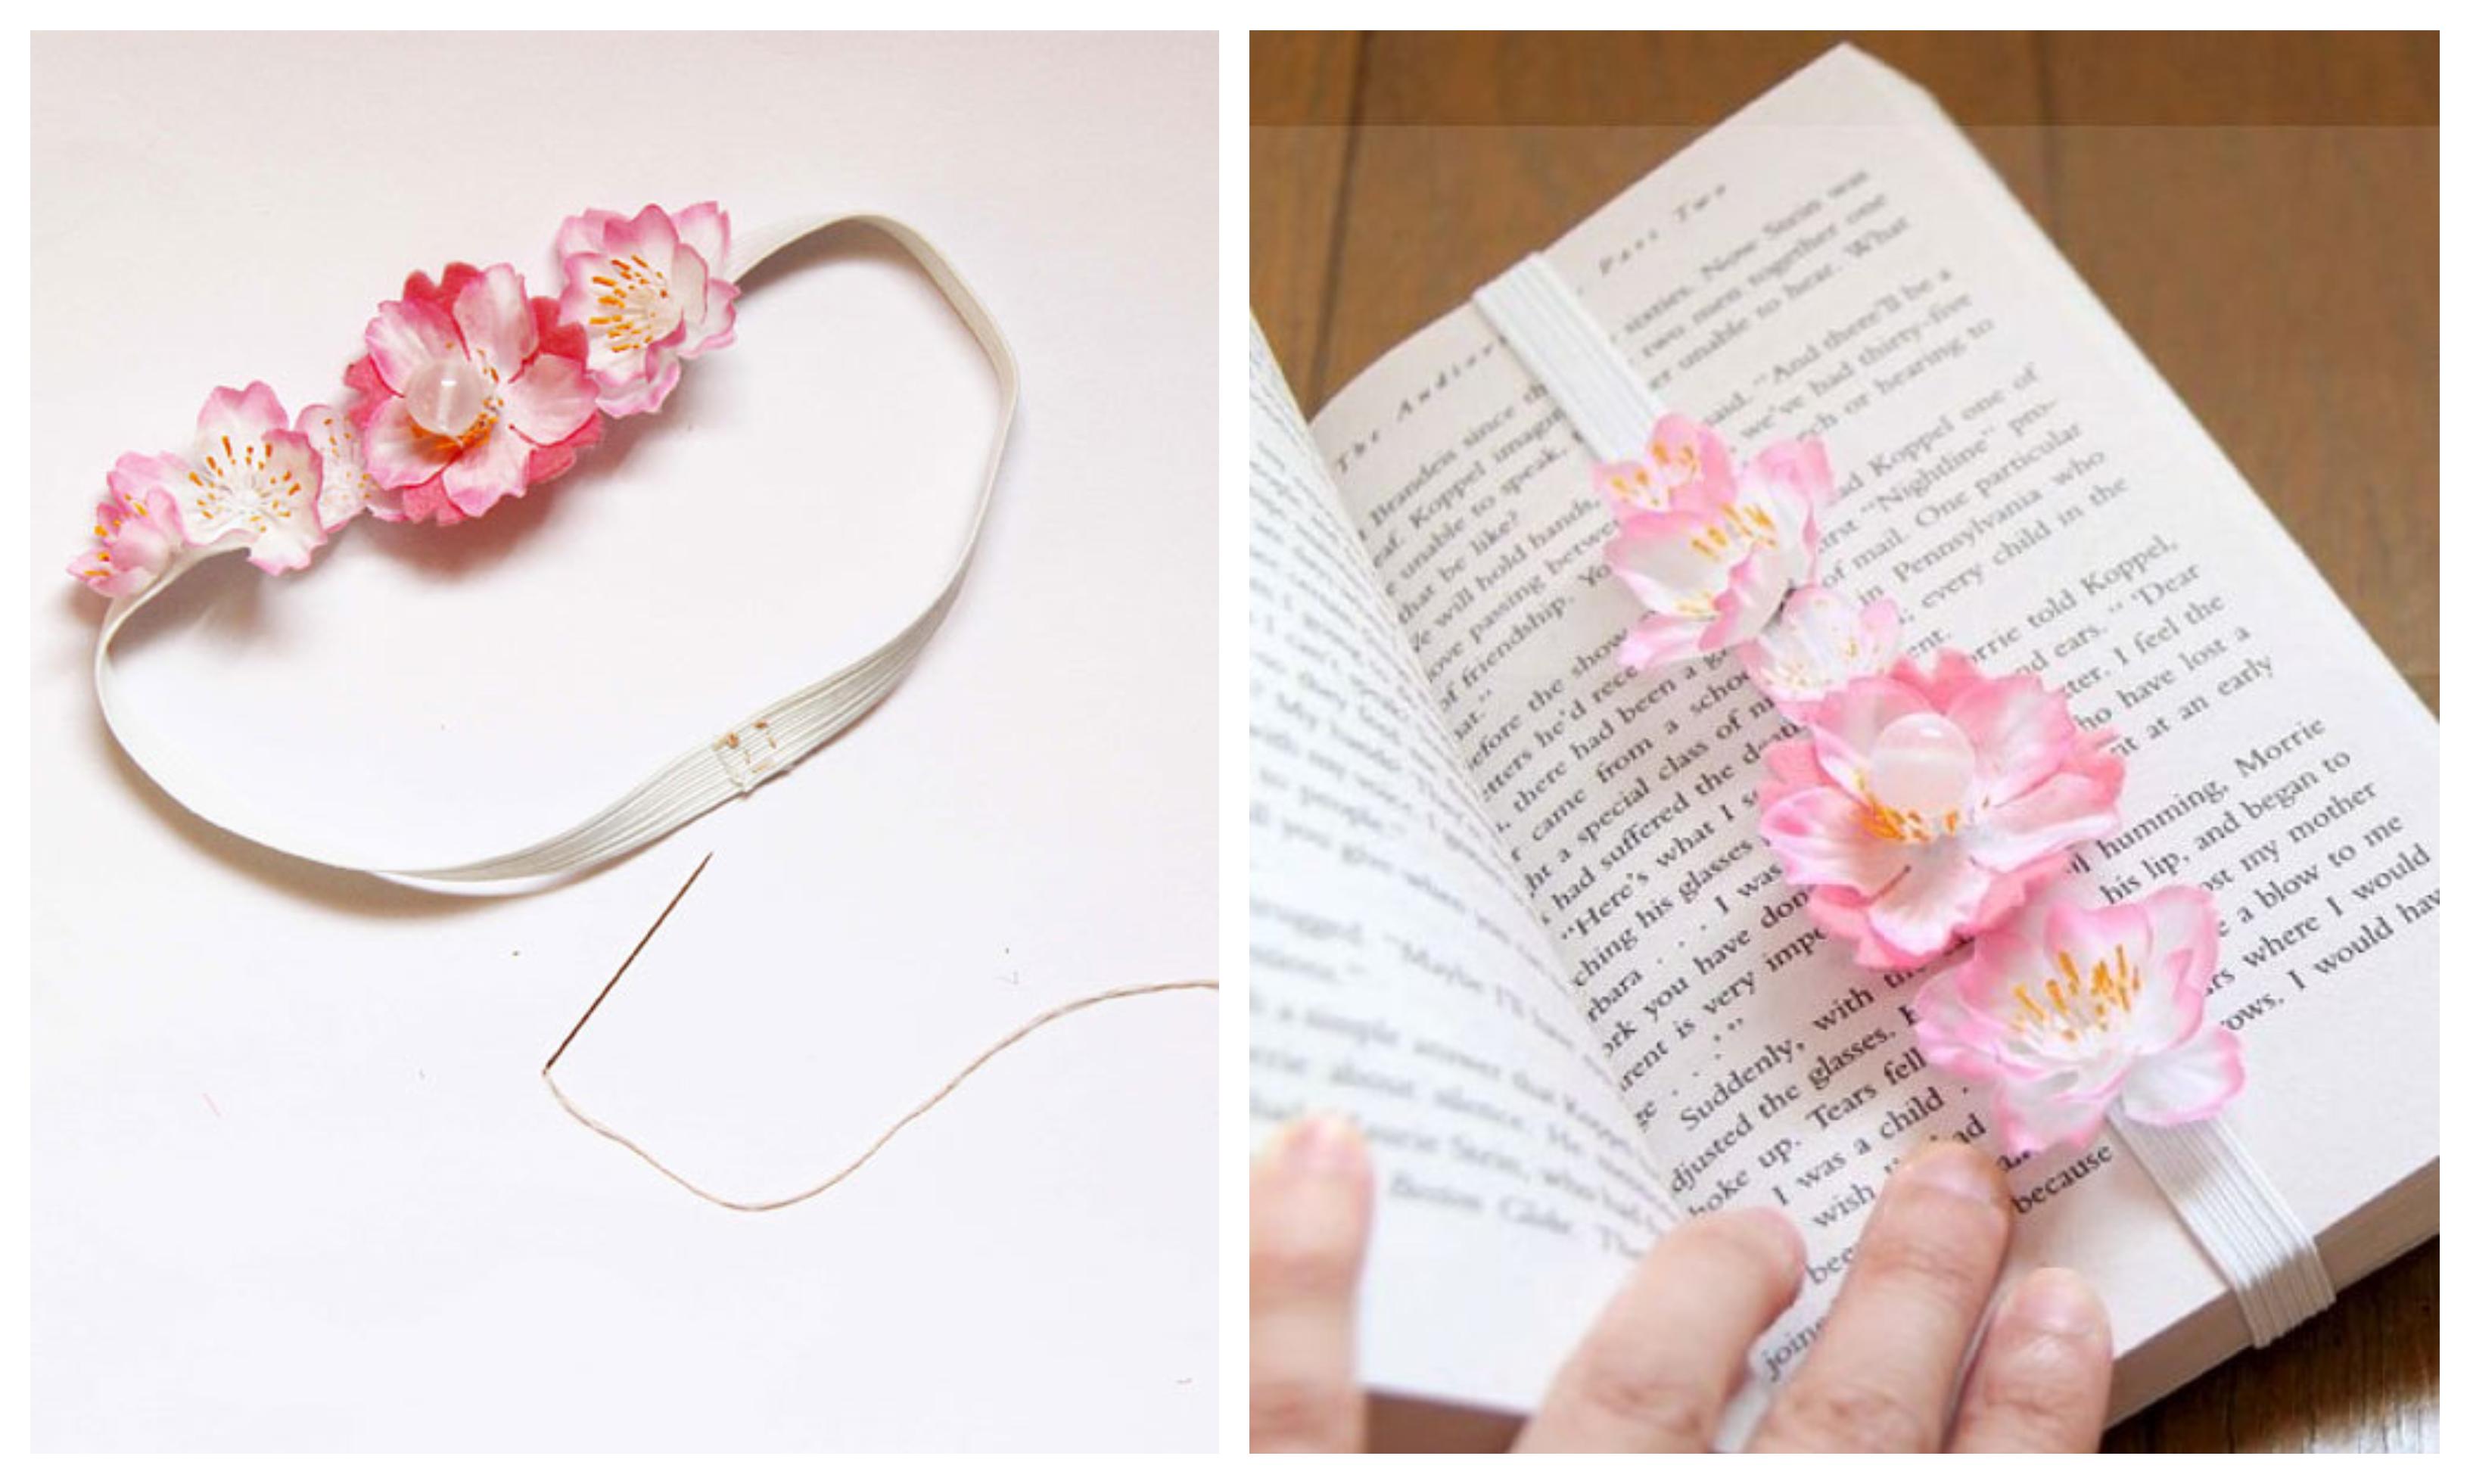 como hacer marcarpaginas decorativas, separadores de libros DIY paso a paso, preciosas ideas con flores